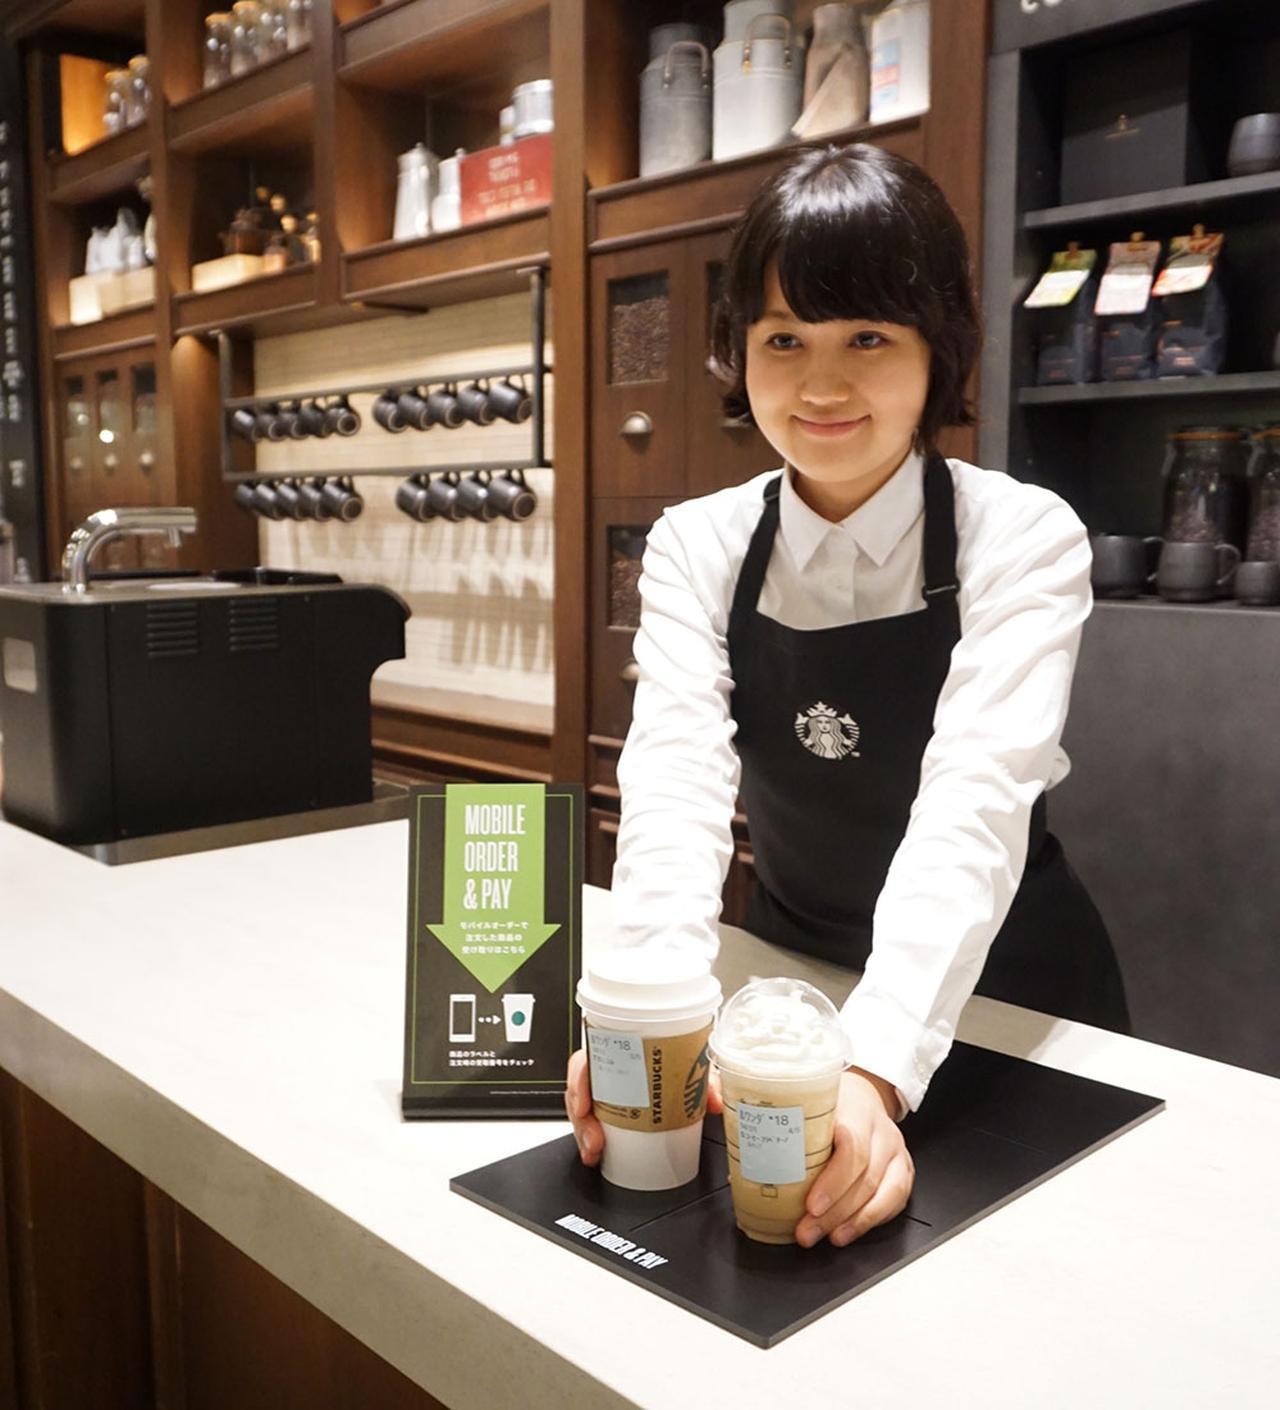 画像: お店には「Mobile Order & pay」オーダー用のコーナーが準備され、受取番号に応じた商品が並べられている